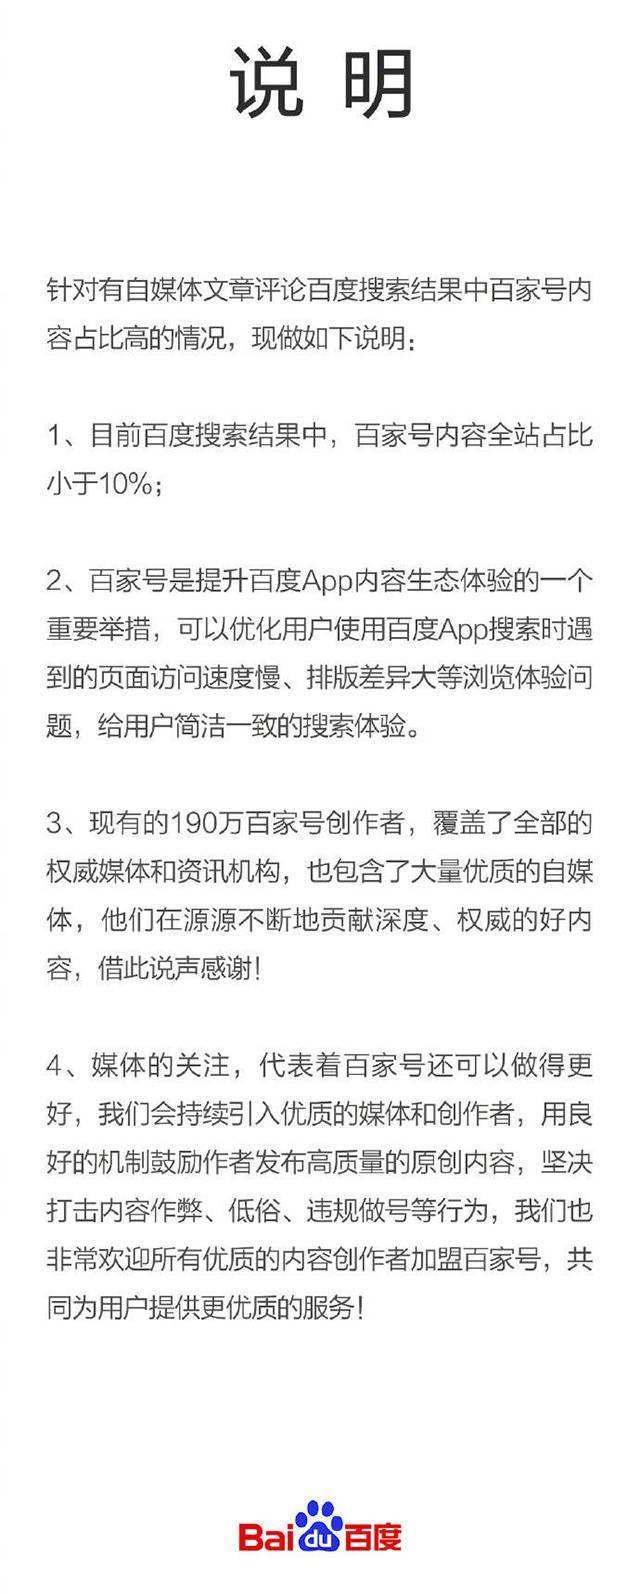 2020做百家号好吗?内容市场都在变革,抓住时机很重要!,广西红客